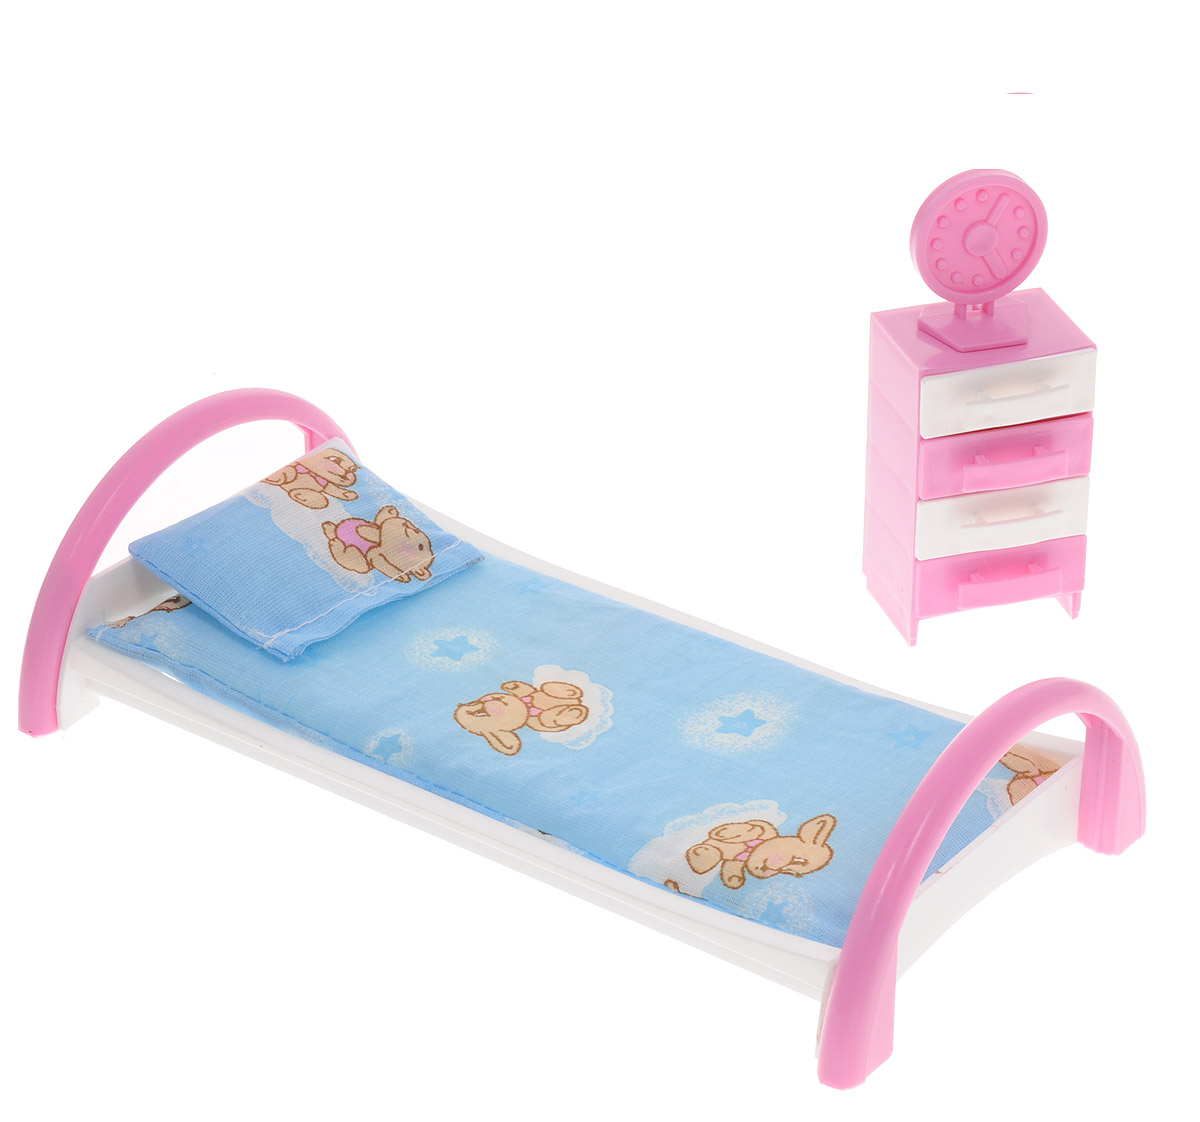 Форма Набор мебели для кукол Кровать с тумбочкой цвет голубой